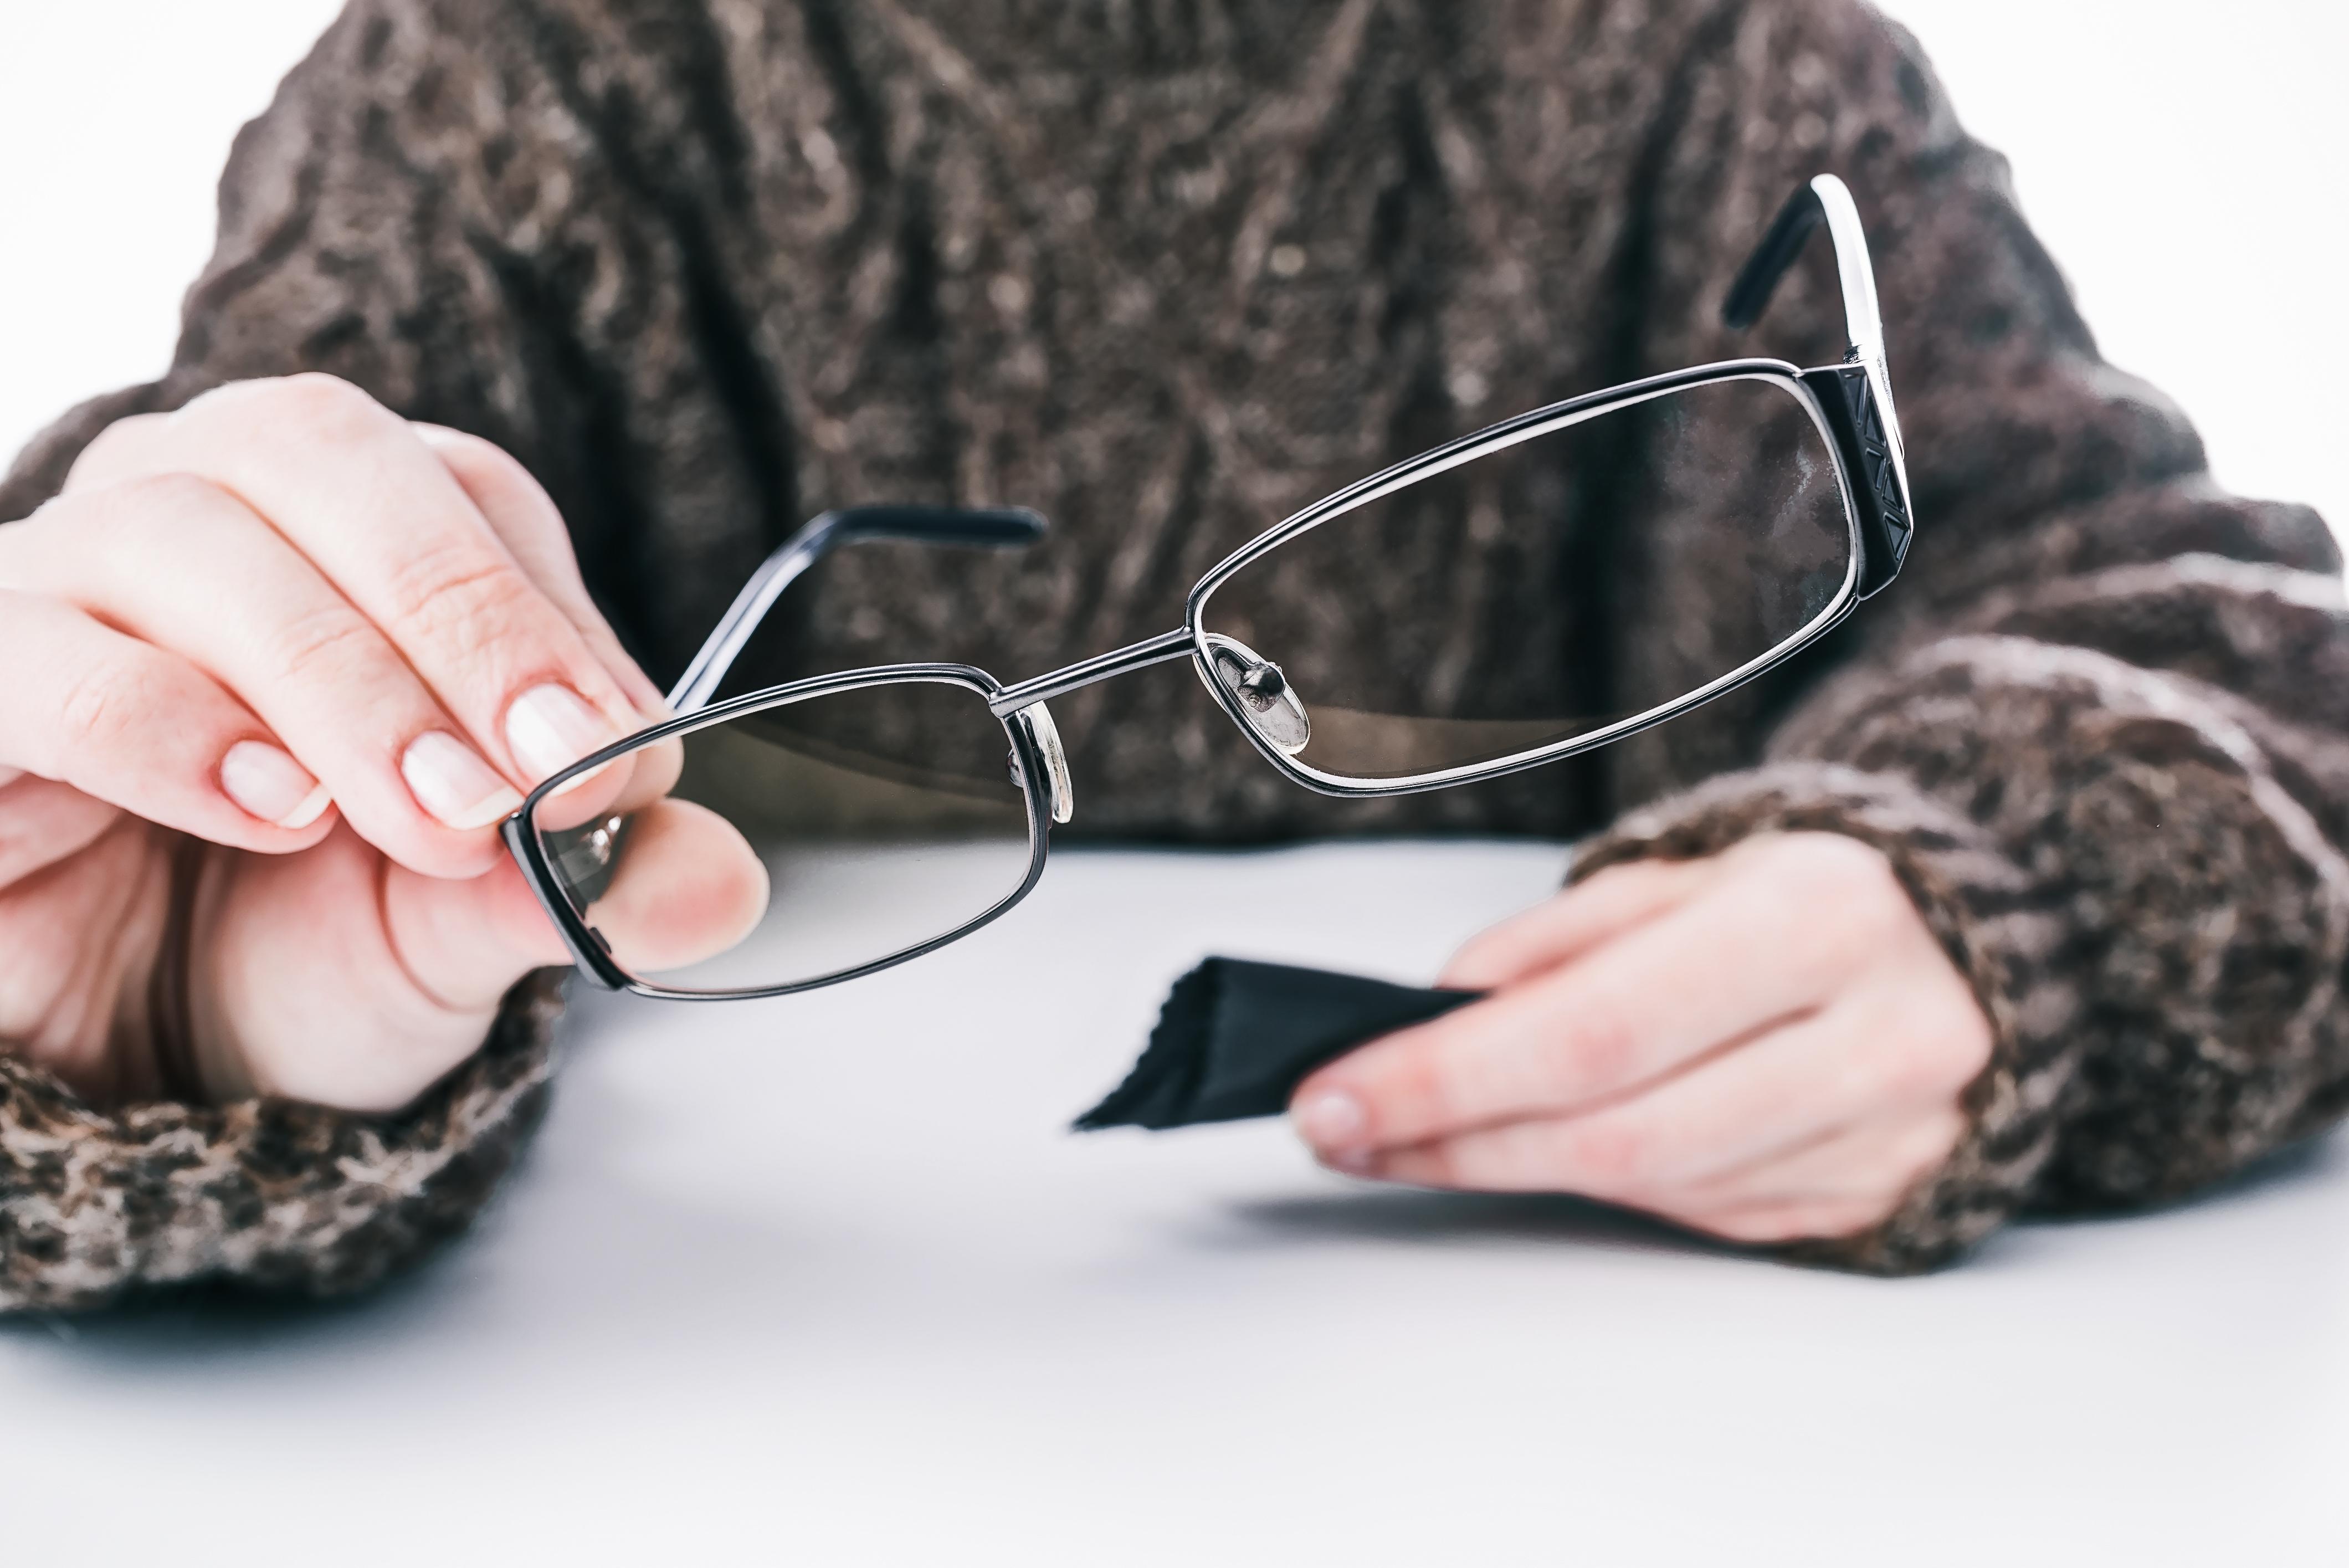 Persona con jersey marrón limpiando unas gafas